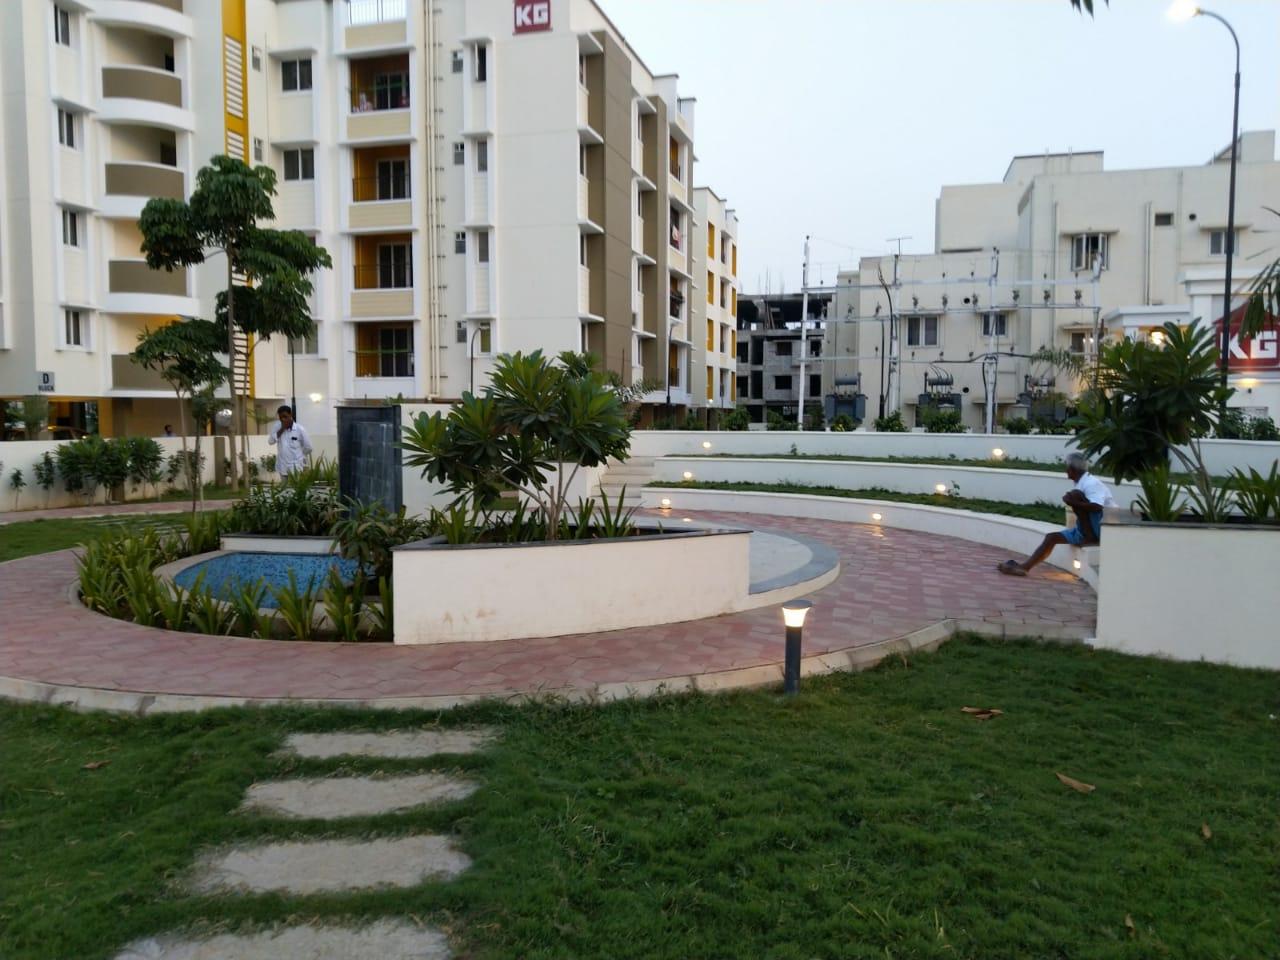 2bhk flats in perumbakkam - KG Builders